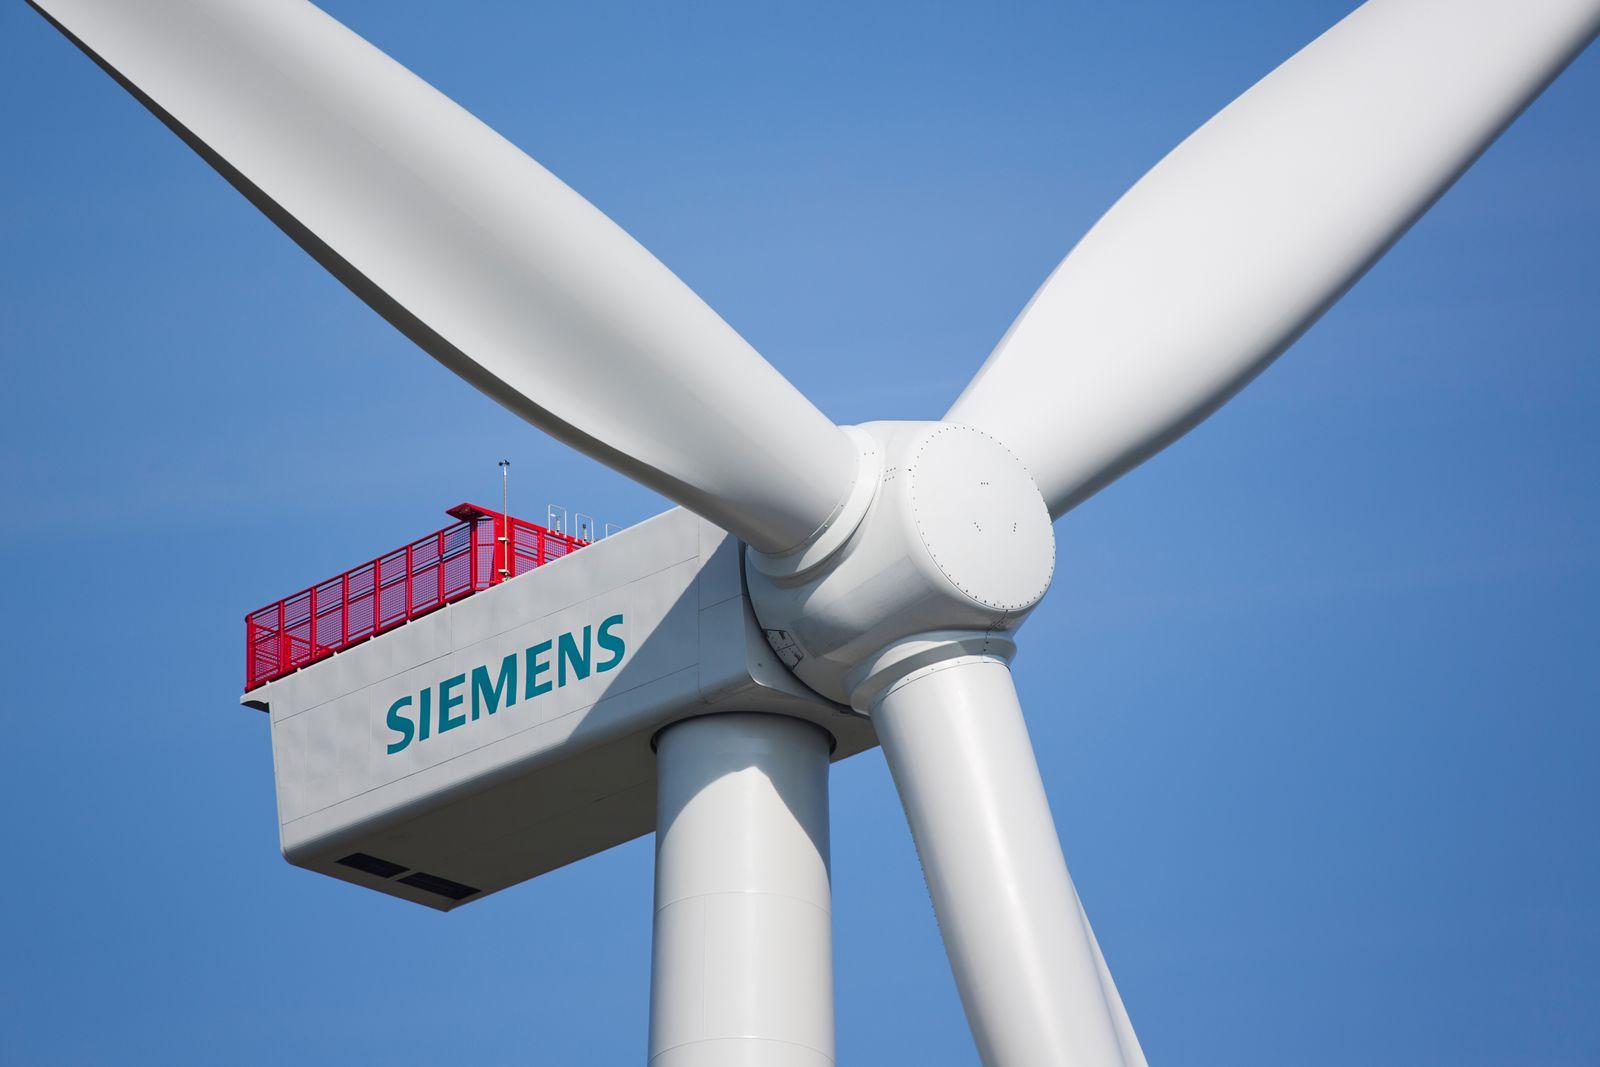 Siemens 4-Megawatt-Windturbine